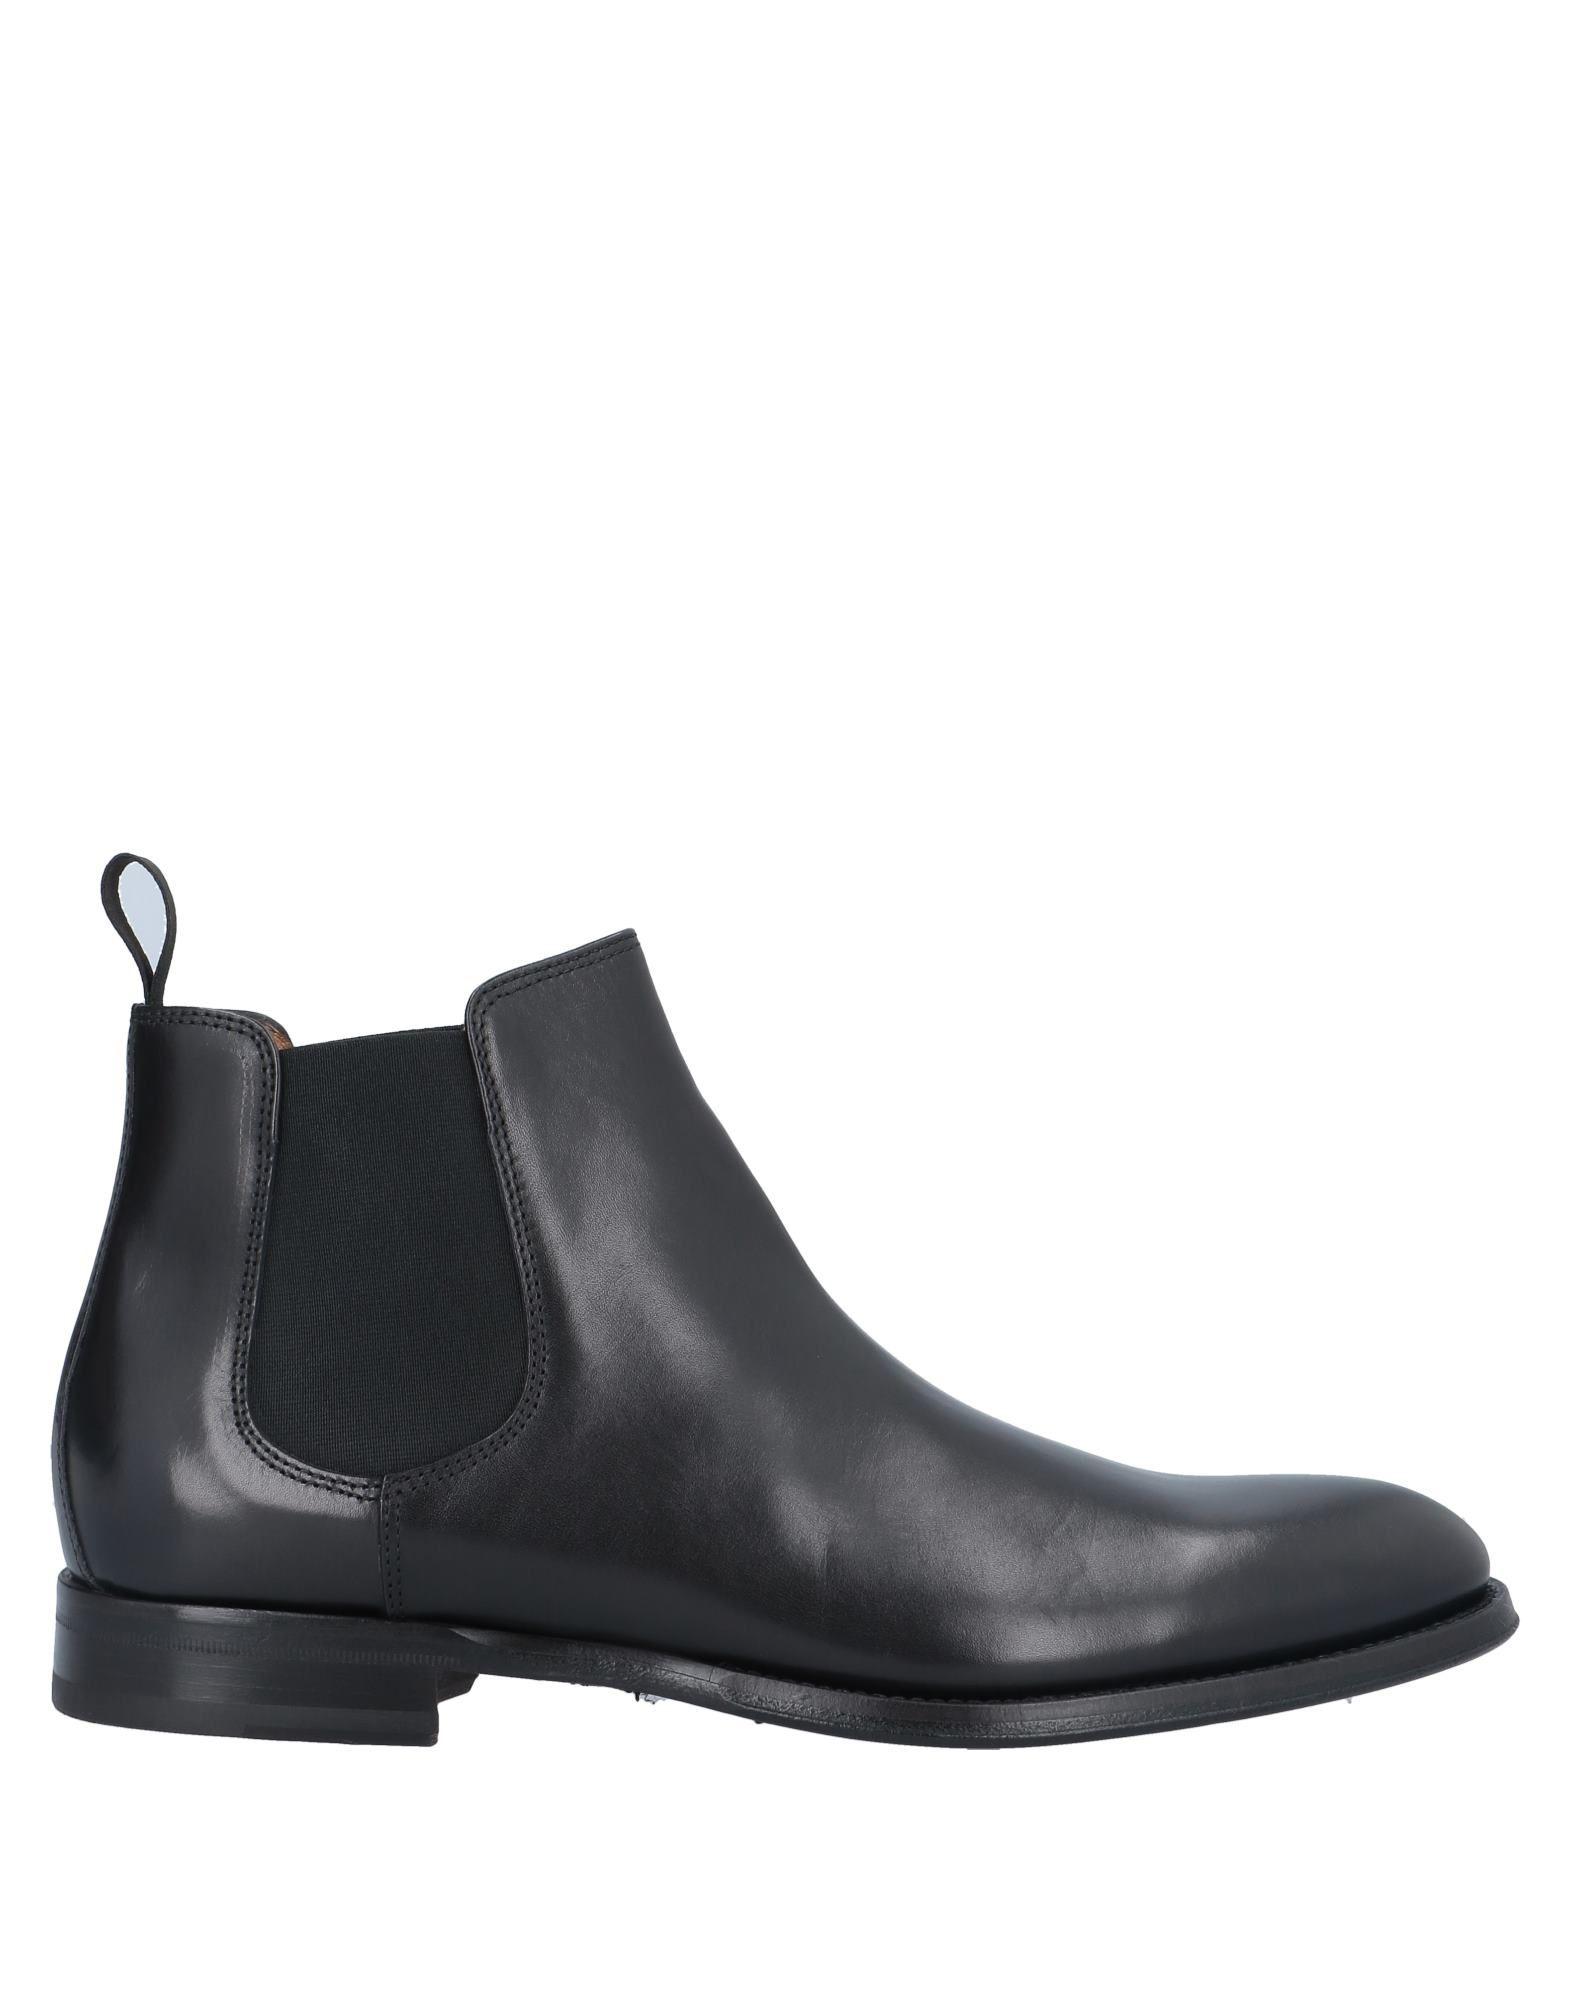 цена ANTONIO MAURIZI Полусапоги и высокие ботинки онлайн в 2017 году